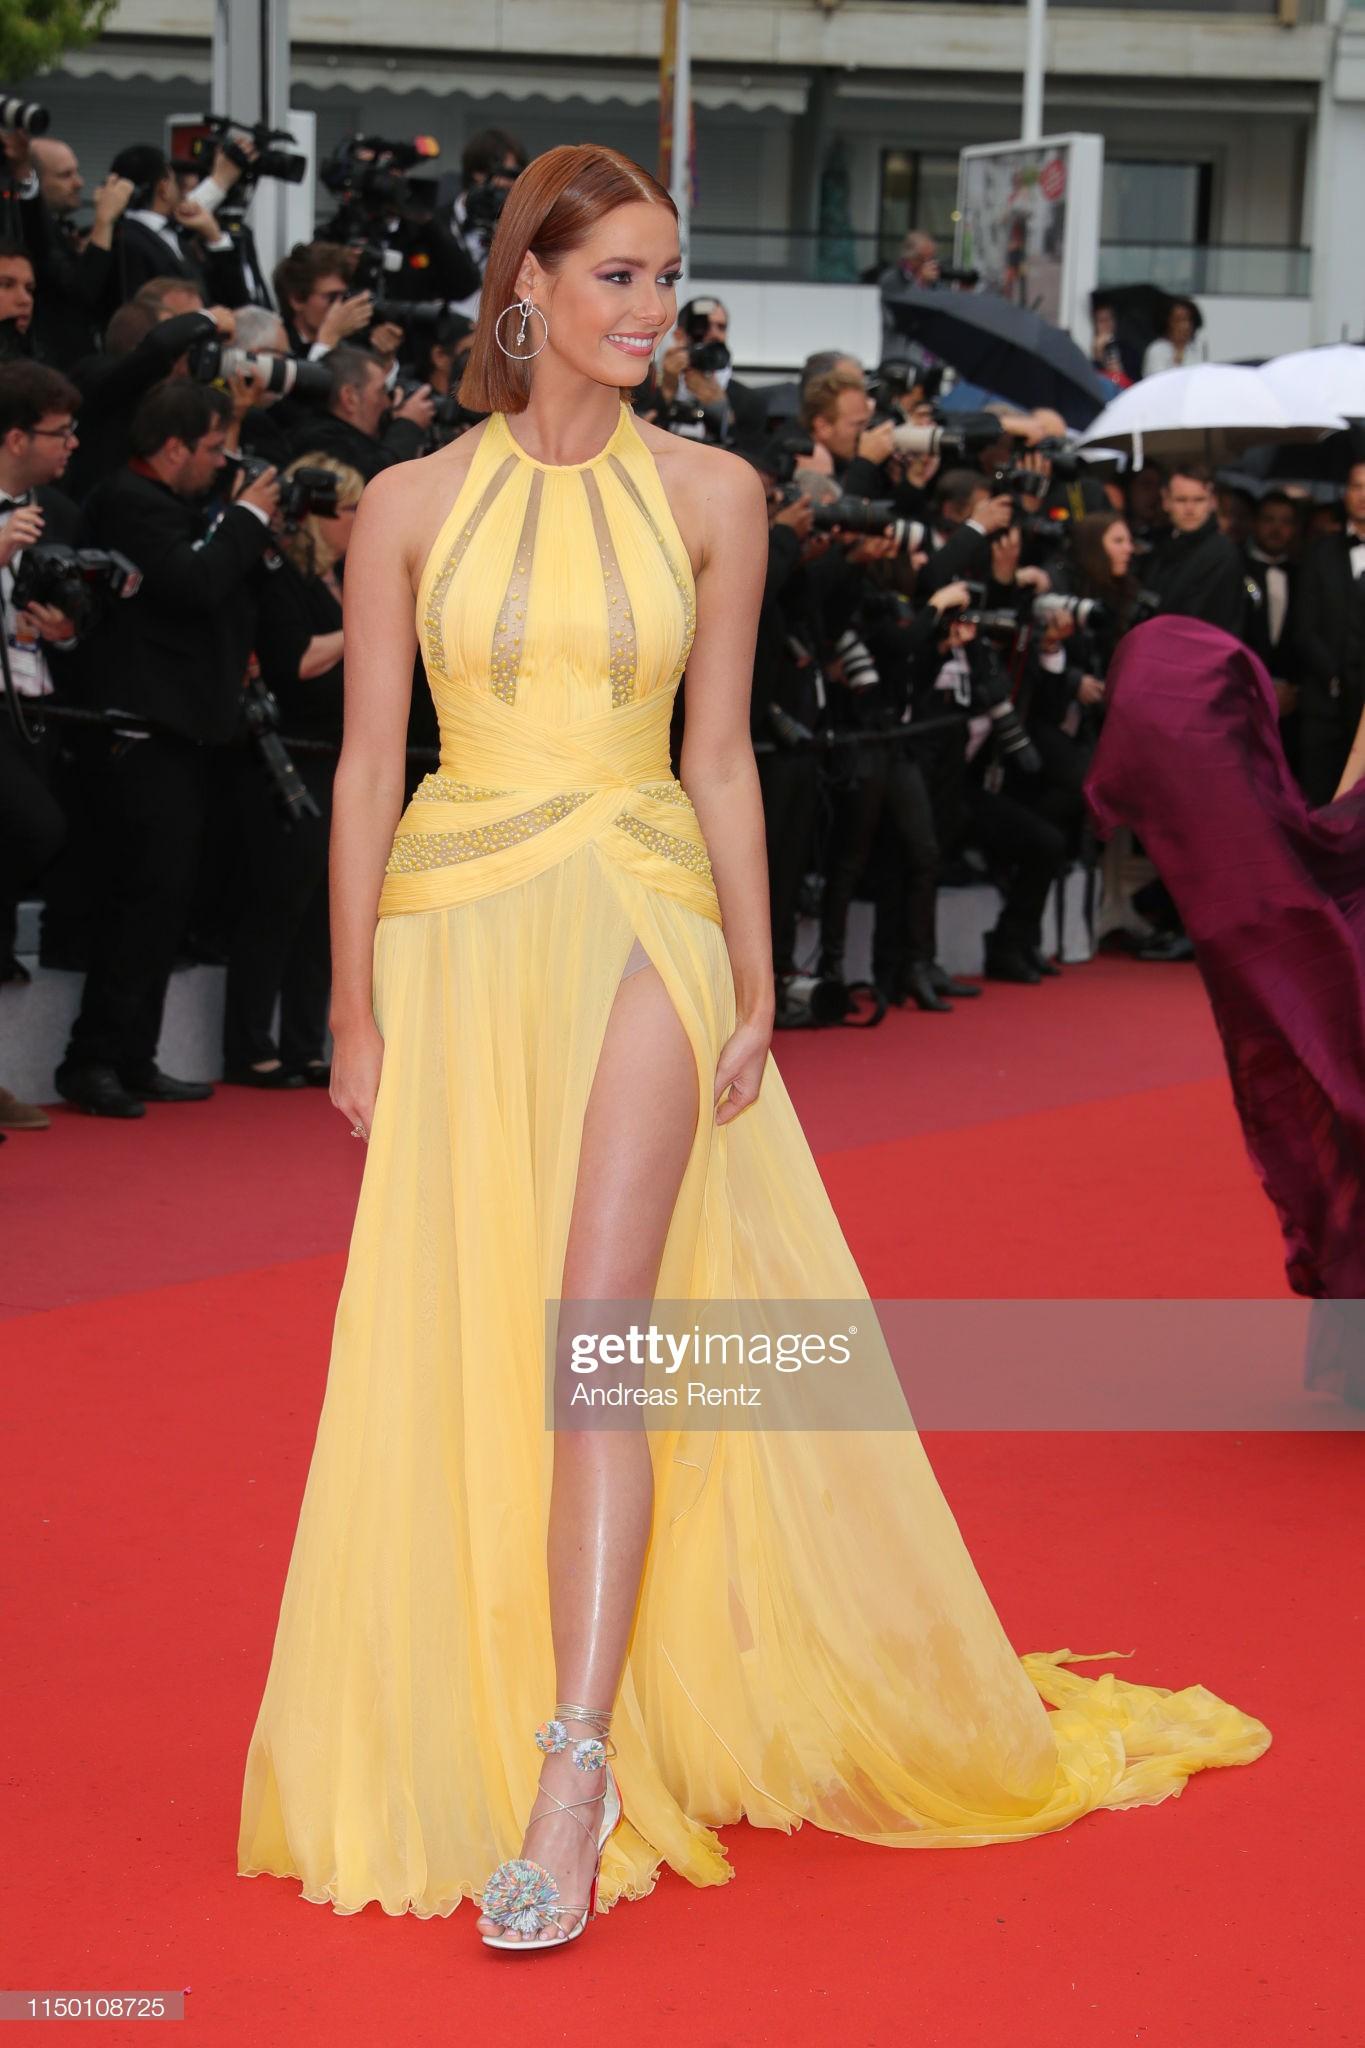 Thảm đỏ Cannes nhường spotlight cho Nick Jonas cung phụng Hoa hậu, Sui He gây sốc như không mặc gì - Ảnh 32.